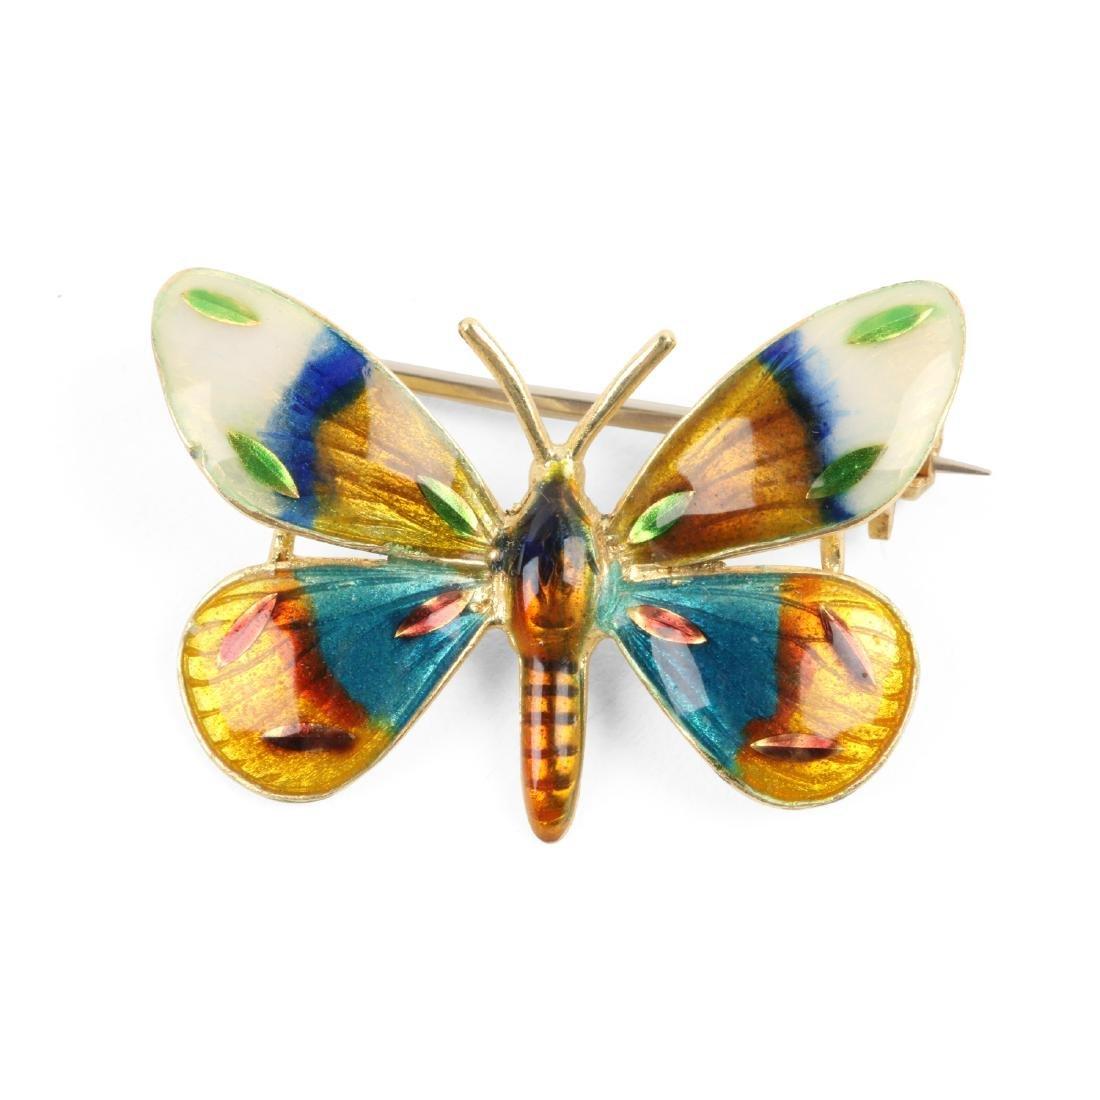 A Danish Enameled 18K Butterfly Pin